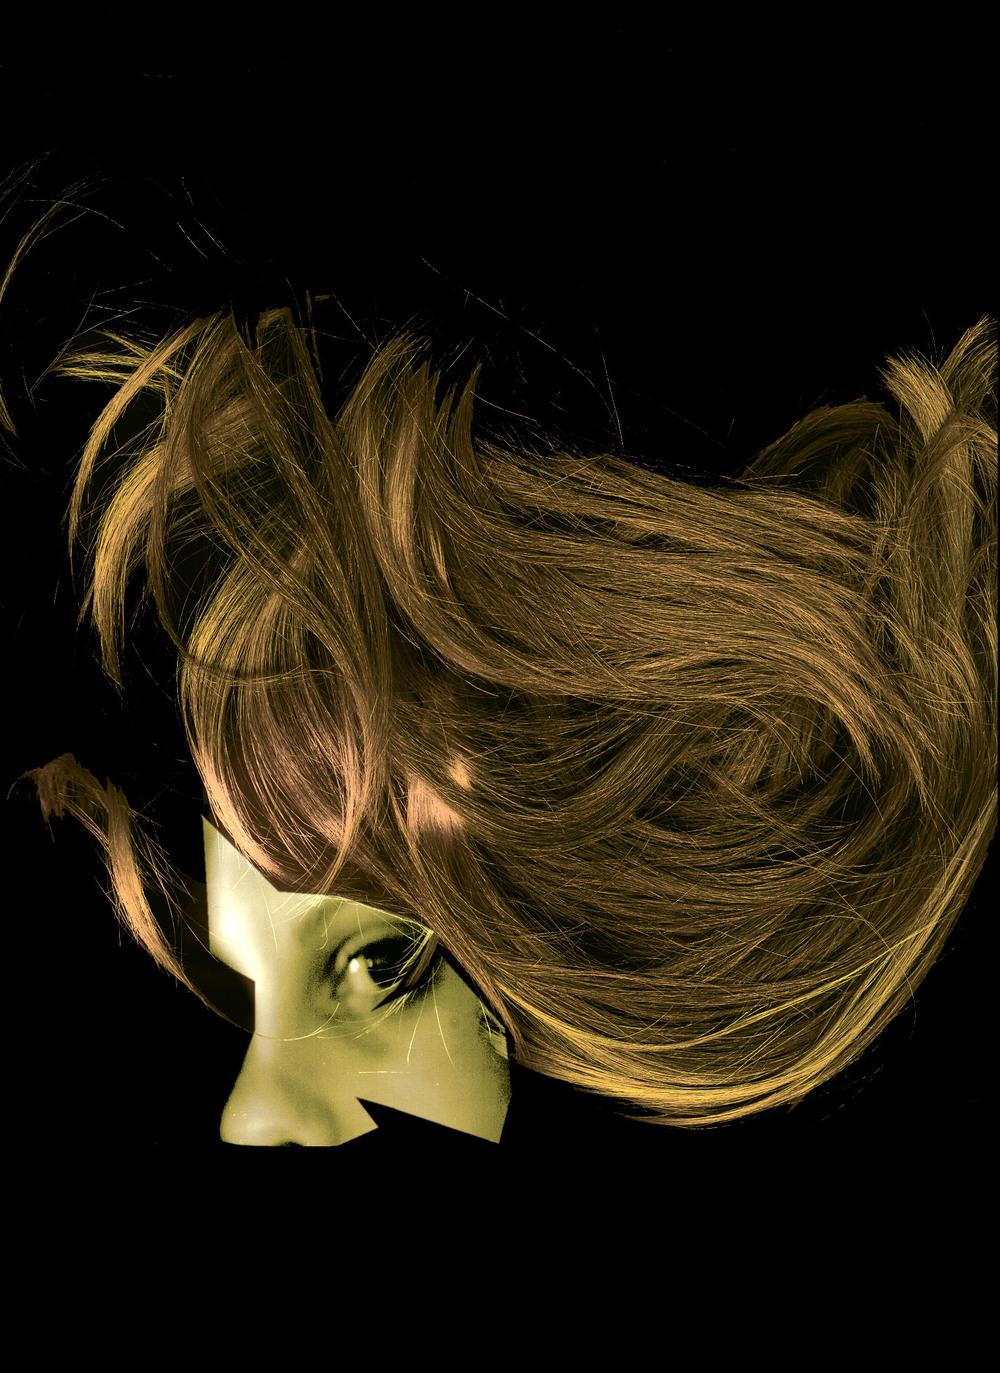 hair7copy.jpg